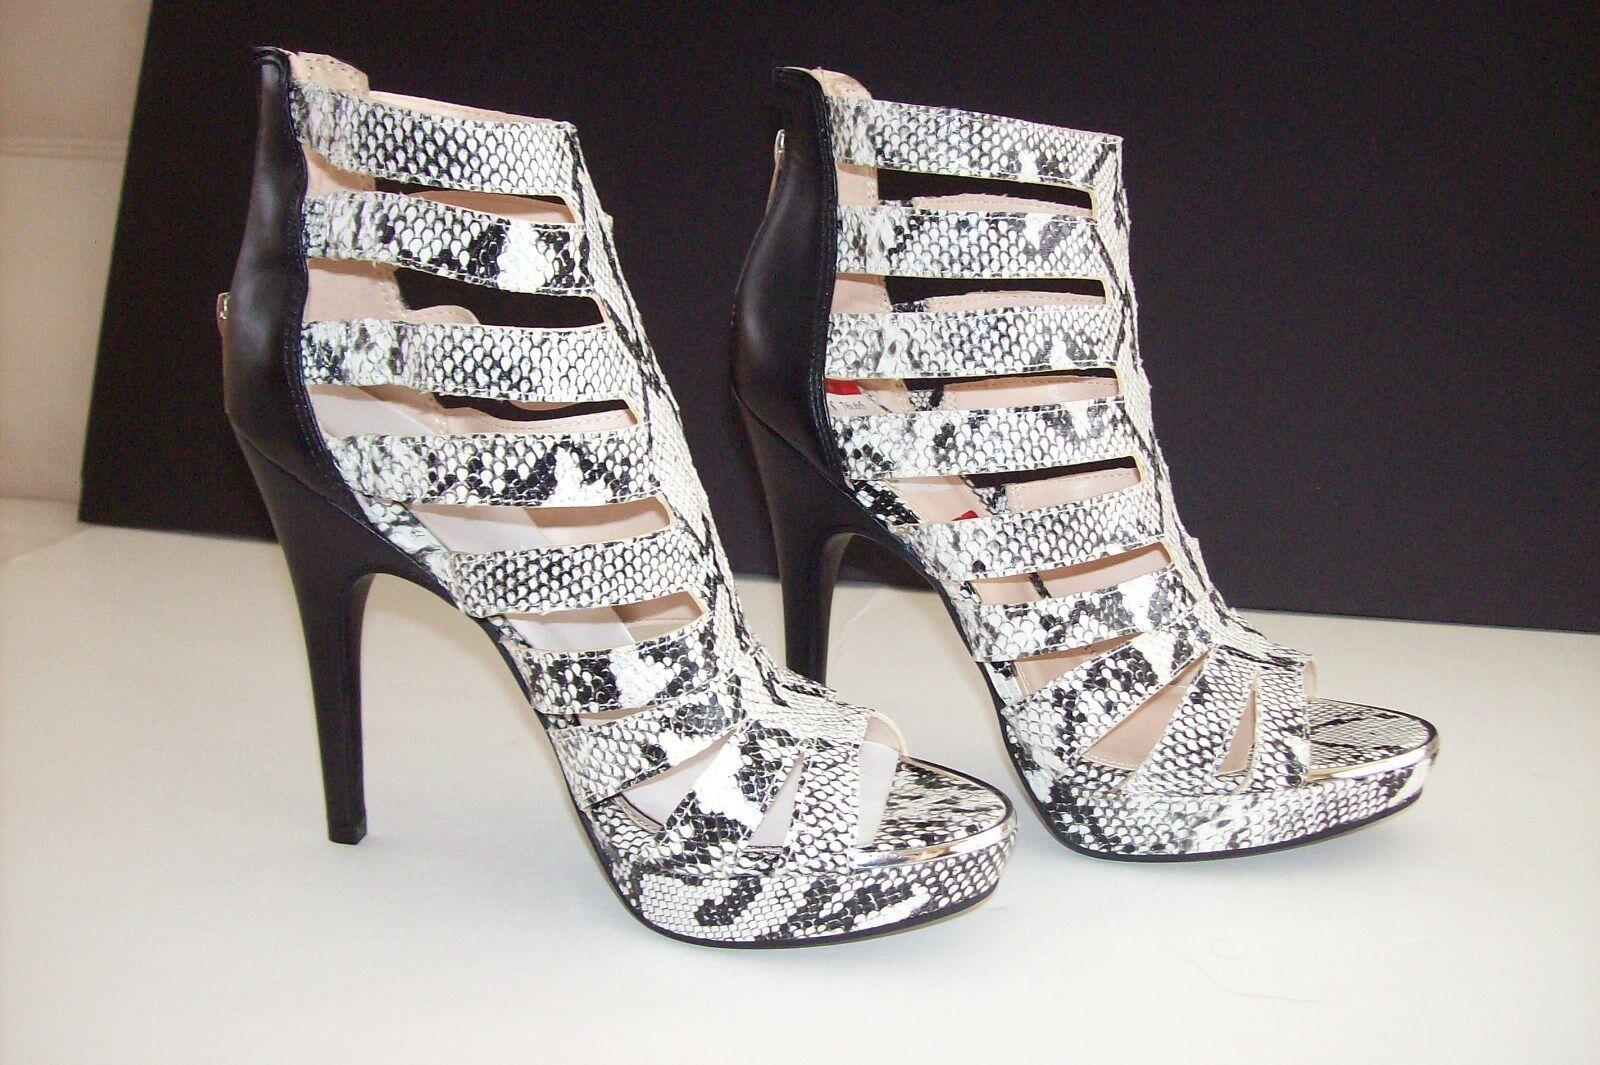 BAR lll femmes HIGH HEEL chaussures OPEN TOE PLATFORM FAUX SNAKE 7.5